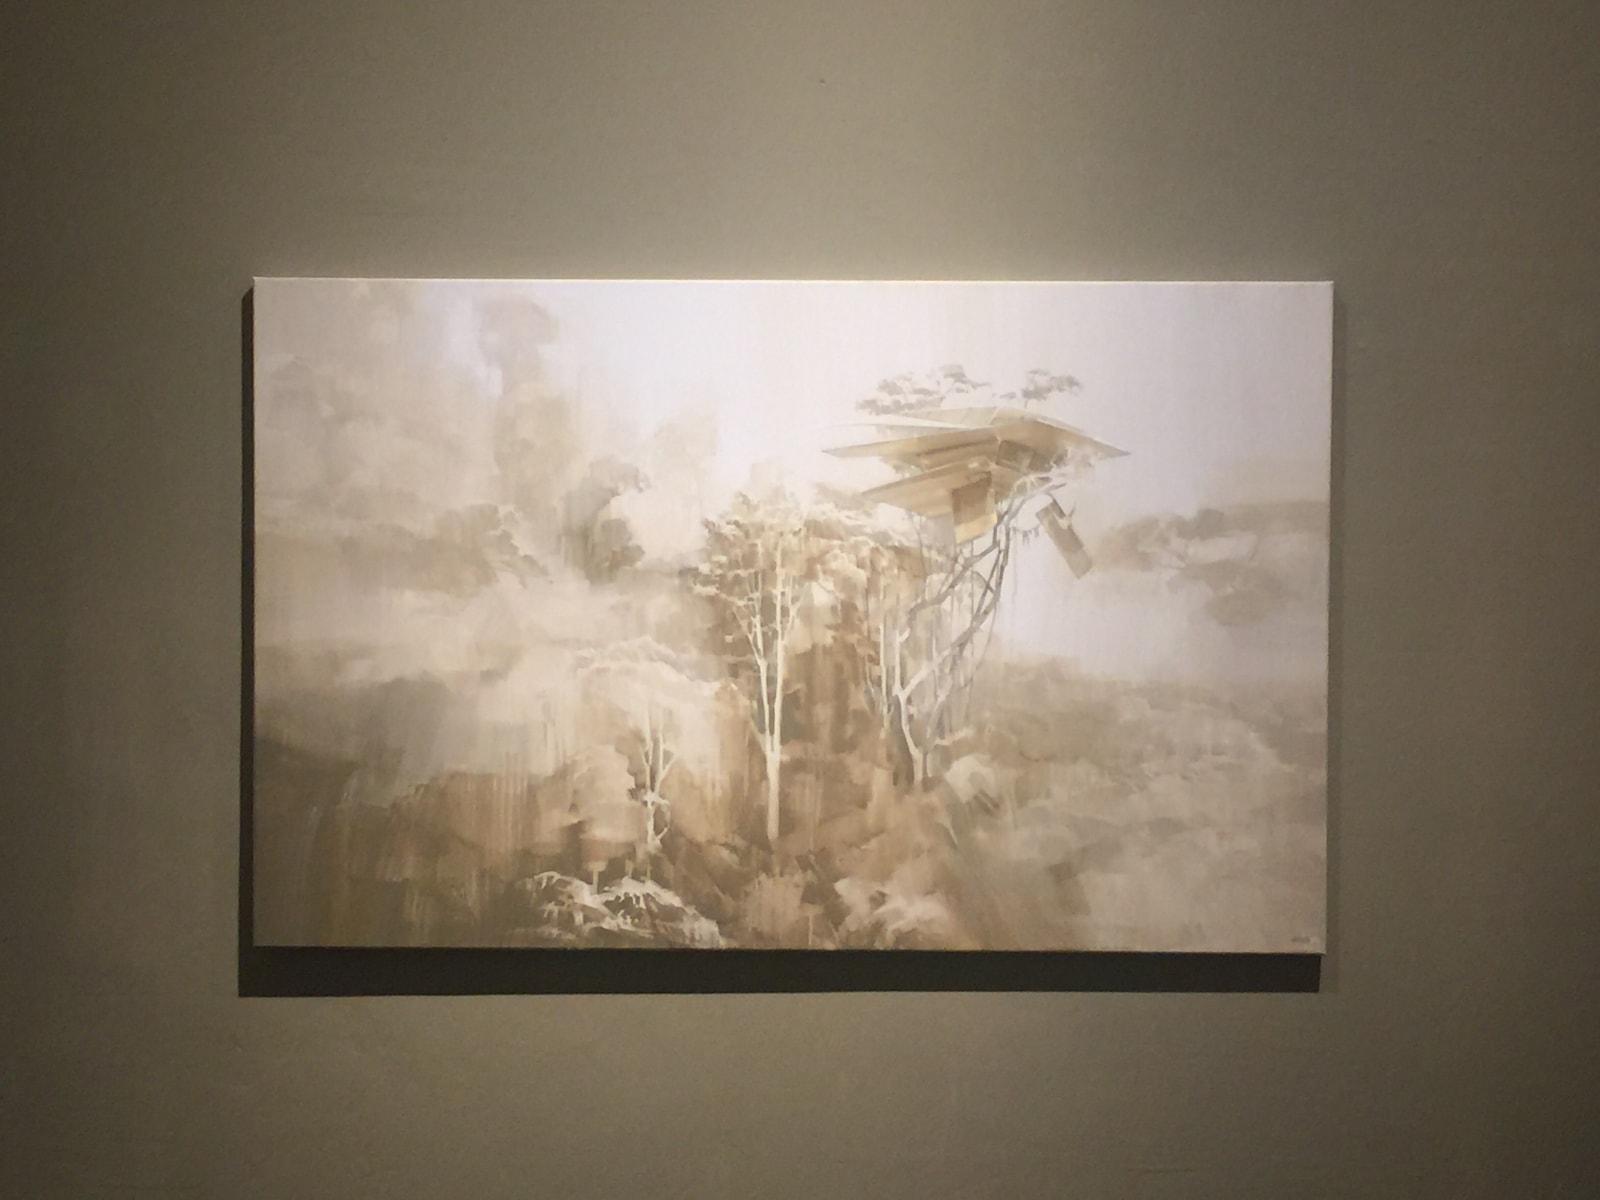 Remo Lienhard / WES 21 - When Worlds Collide